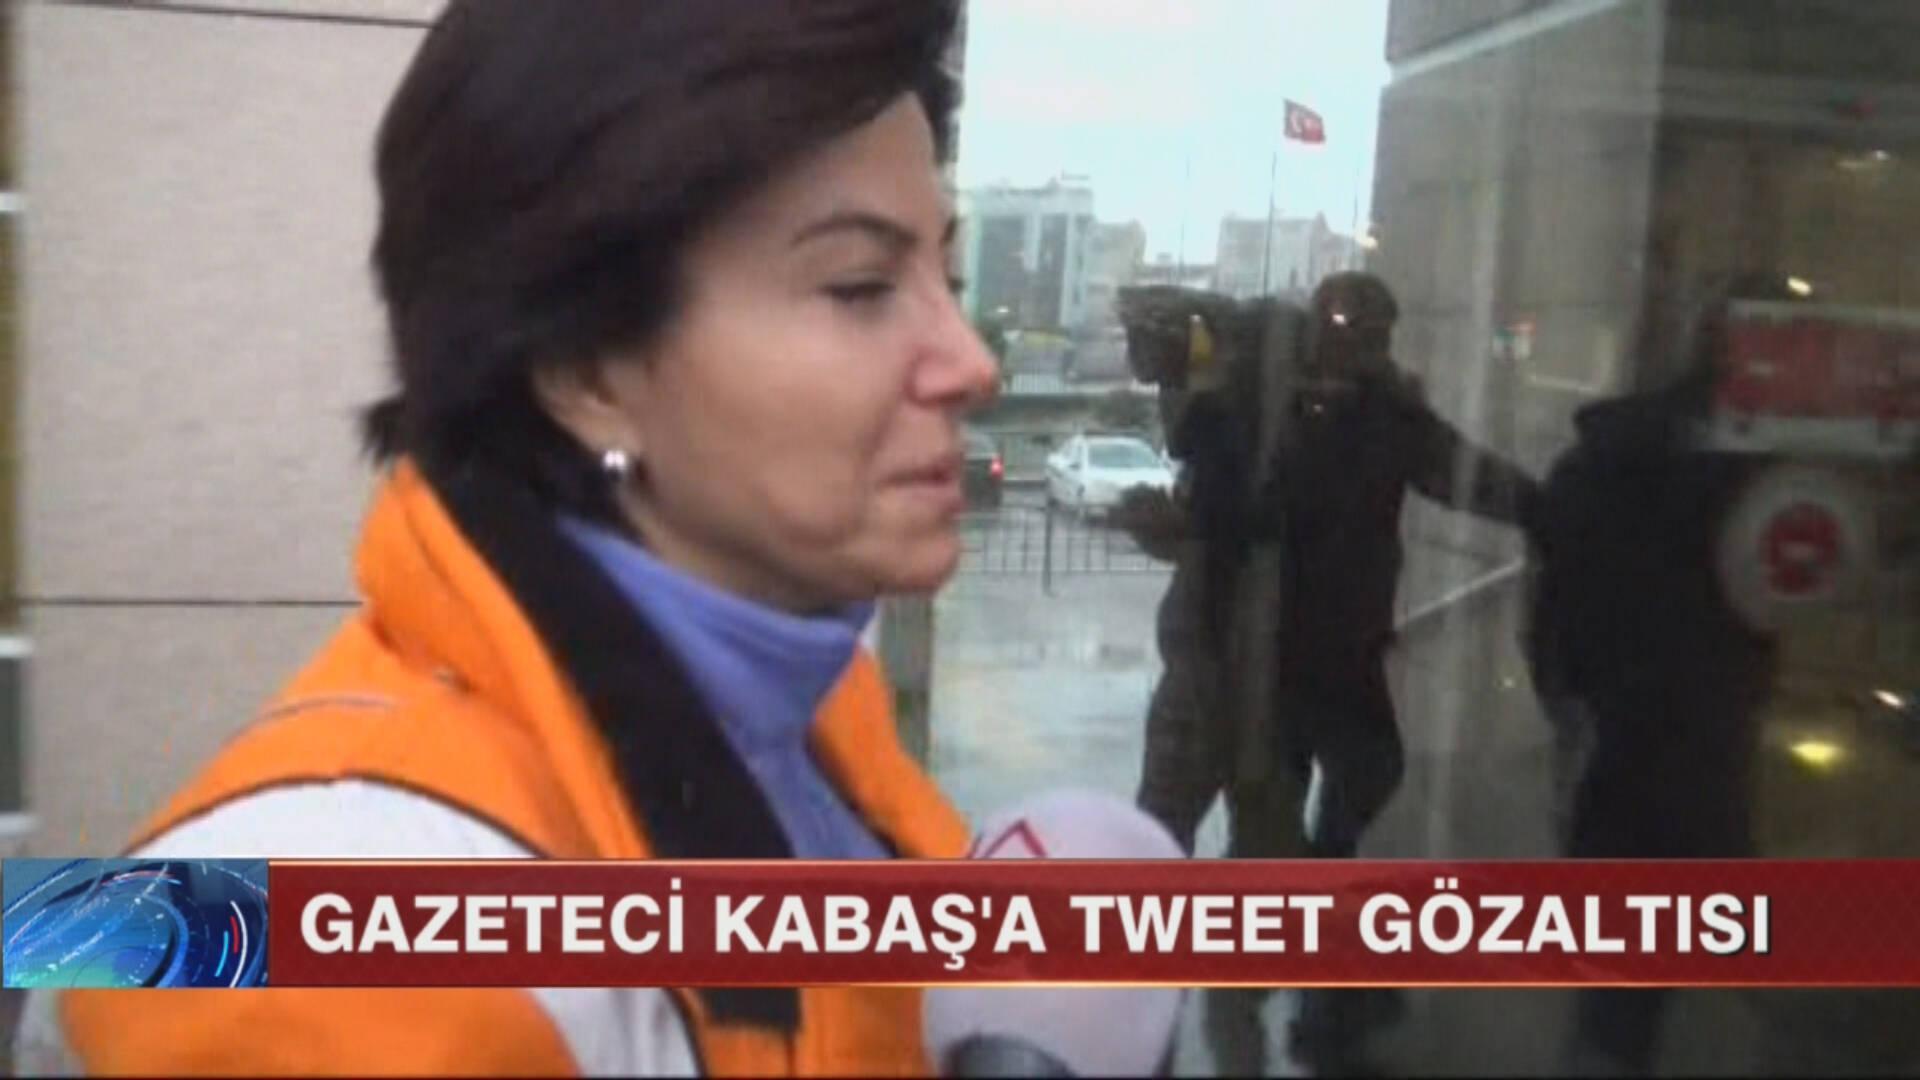 Gazeteci Kabaş'a Tweet gözaltısı!..